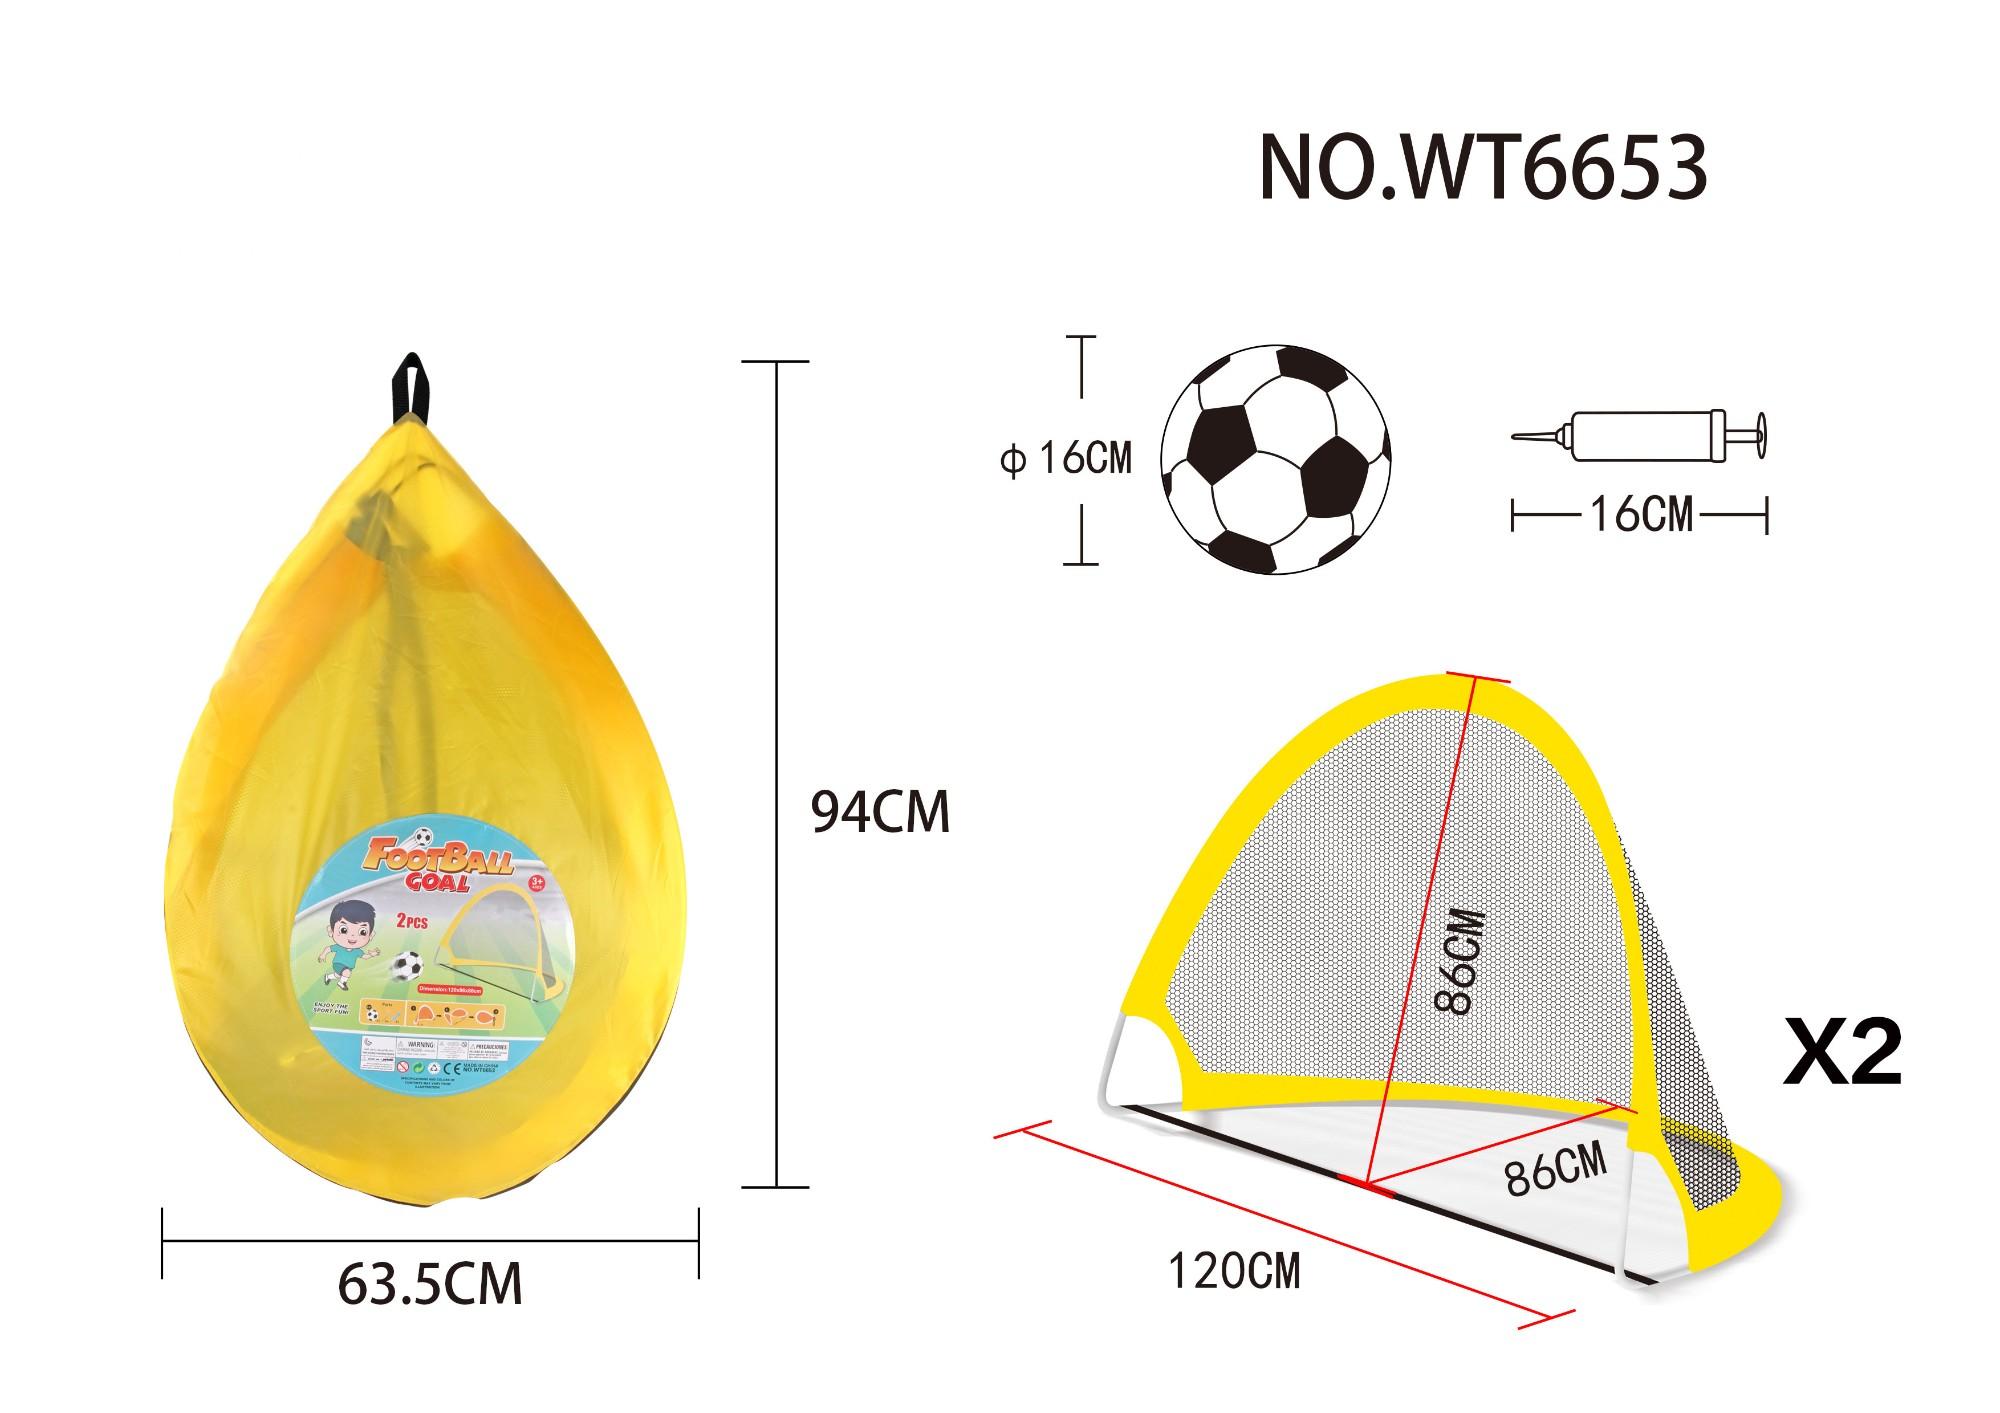 backpack folding football goal(large size) Manufacturers, backpack folding football goal(large size) Factory, Supply backpack folding football goal(large size)